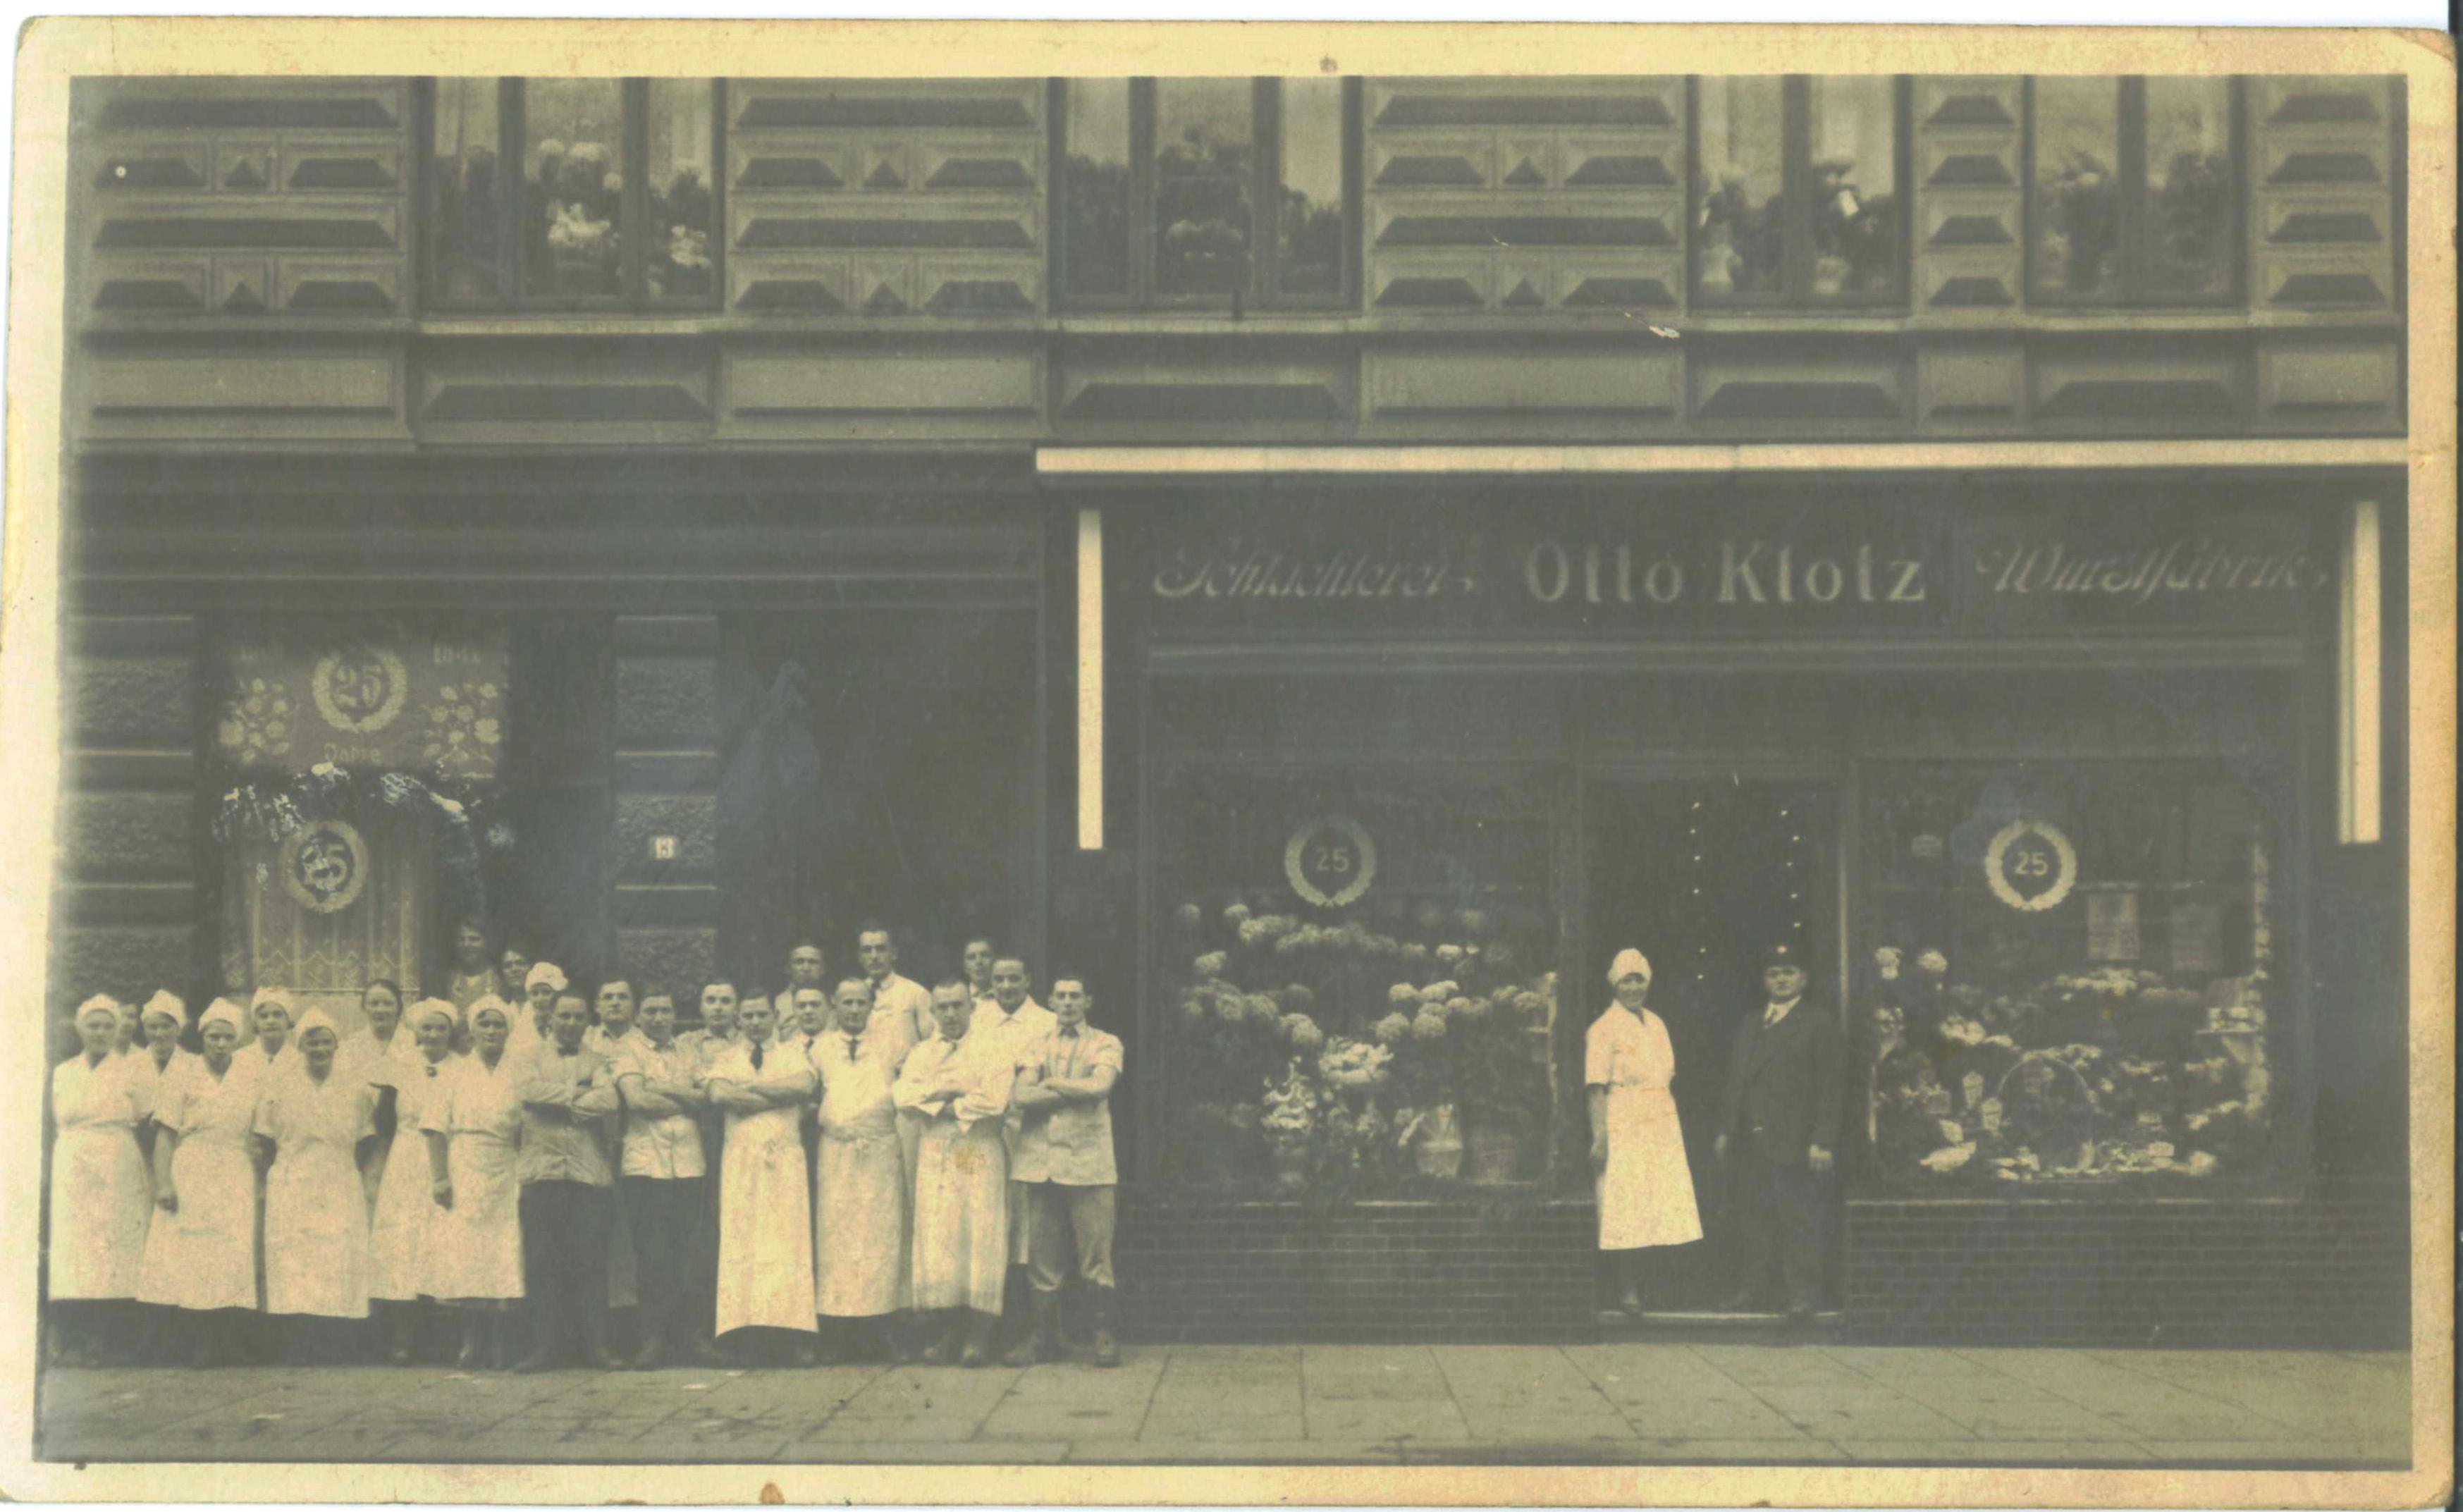 40 Otto Klotz Laden